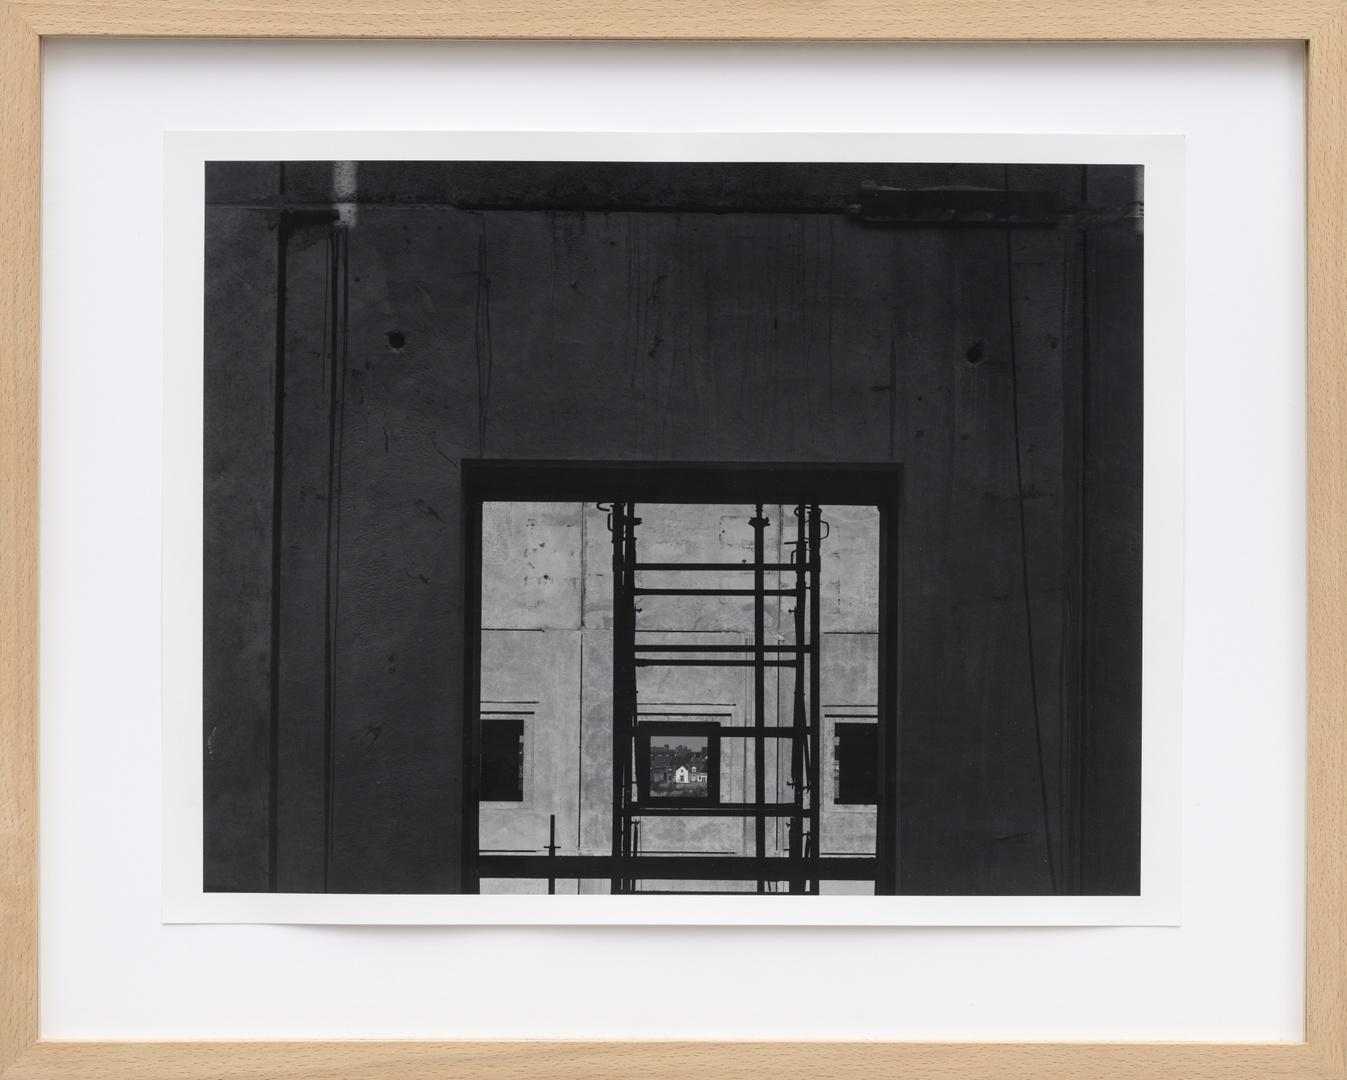 Bouw Bonnefantenmuseum 1992-1994 ; Middenvleugel zonder trap met uitzicht op de Kennedy brug